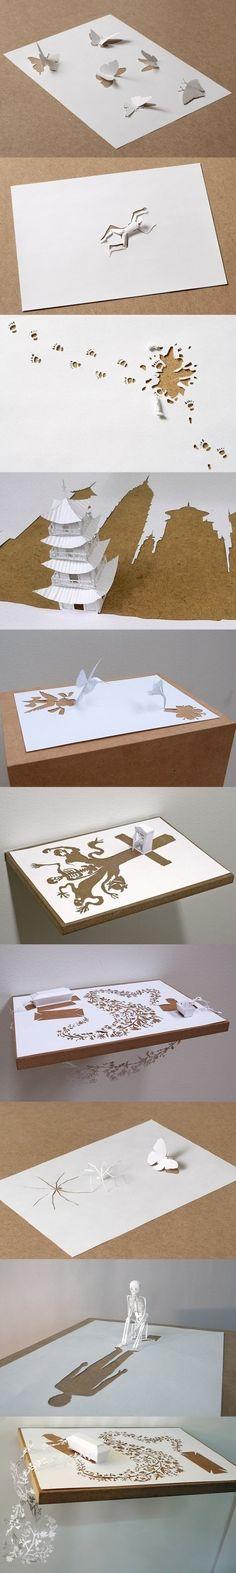 amazing intricate cut paper art